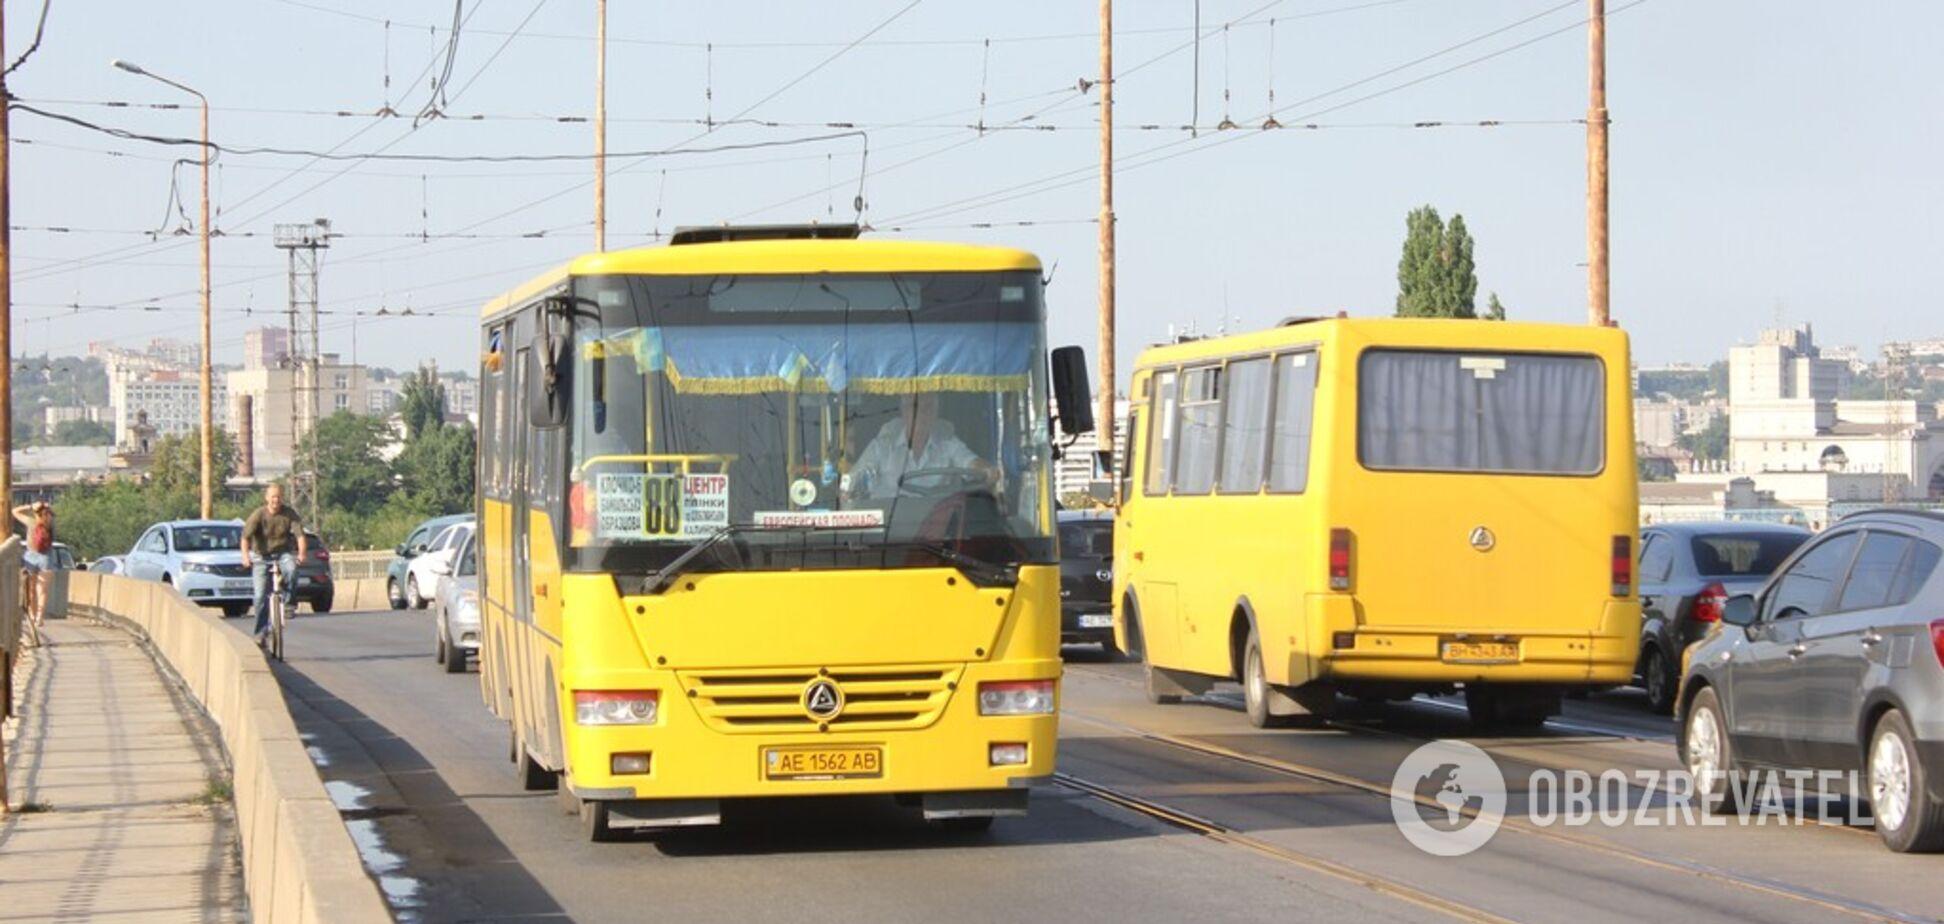 У Дніпрі з'явилися безкоштовні автобуси: подробиці